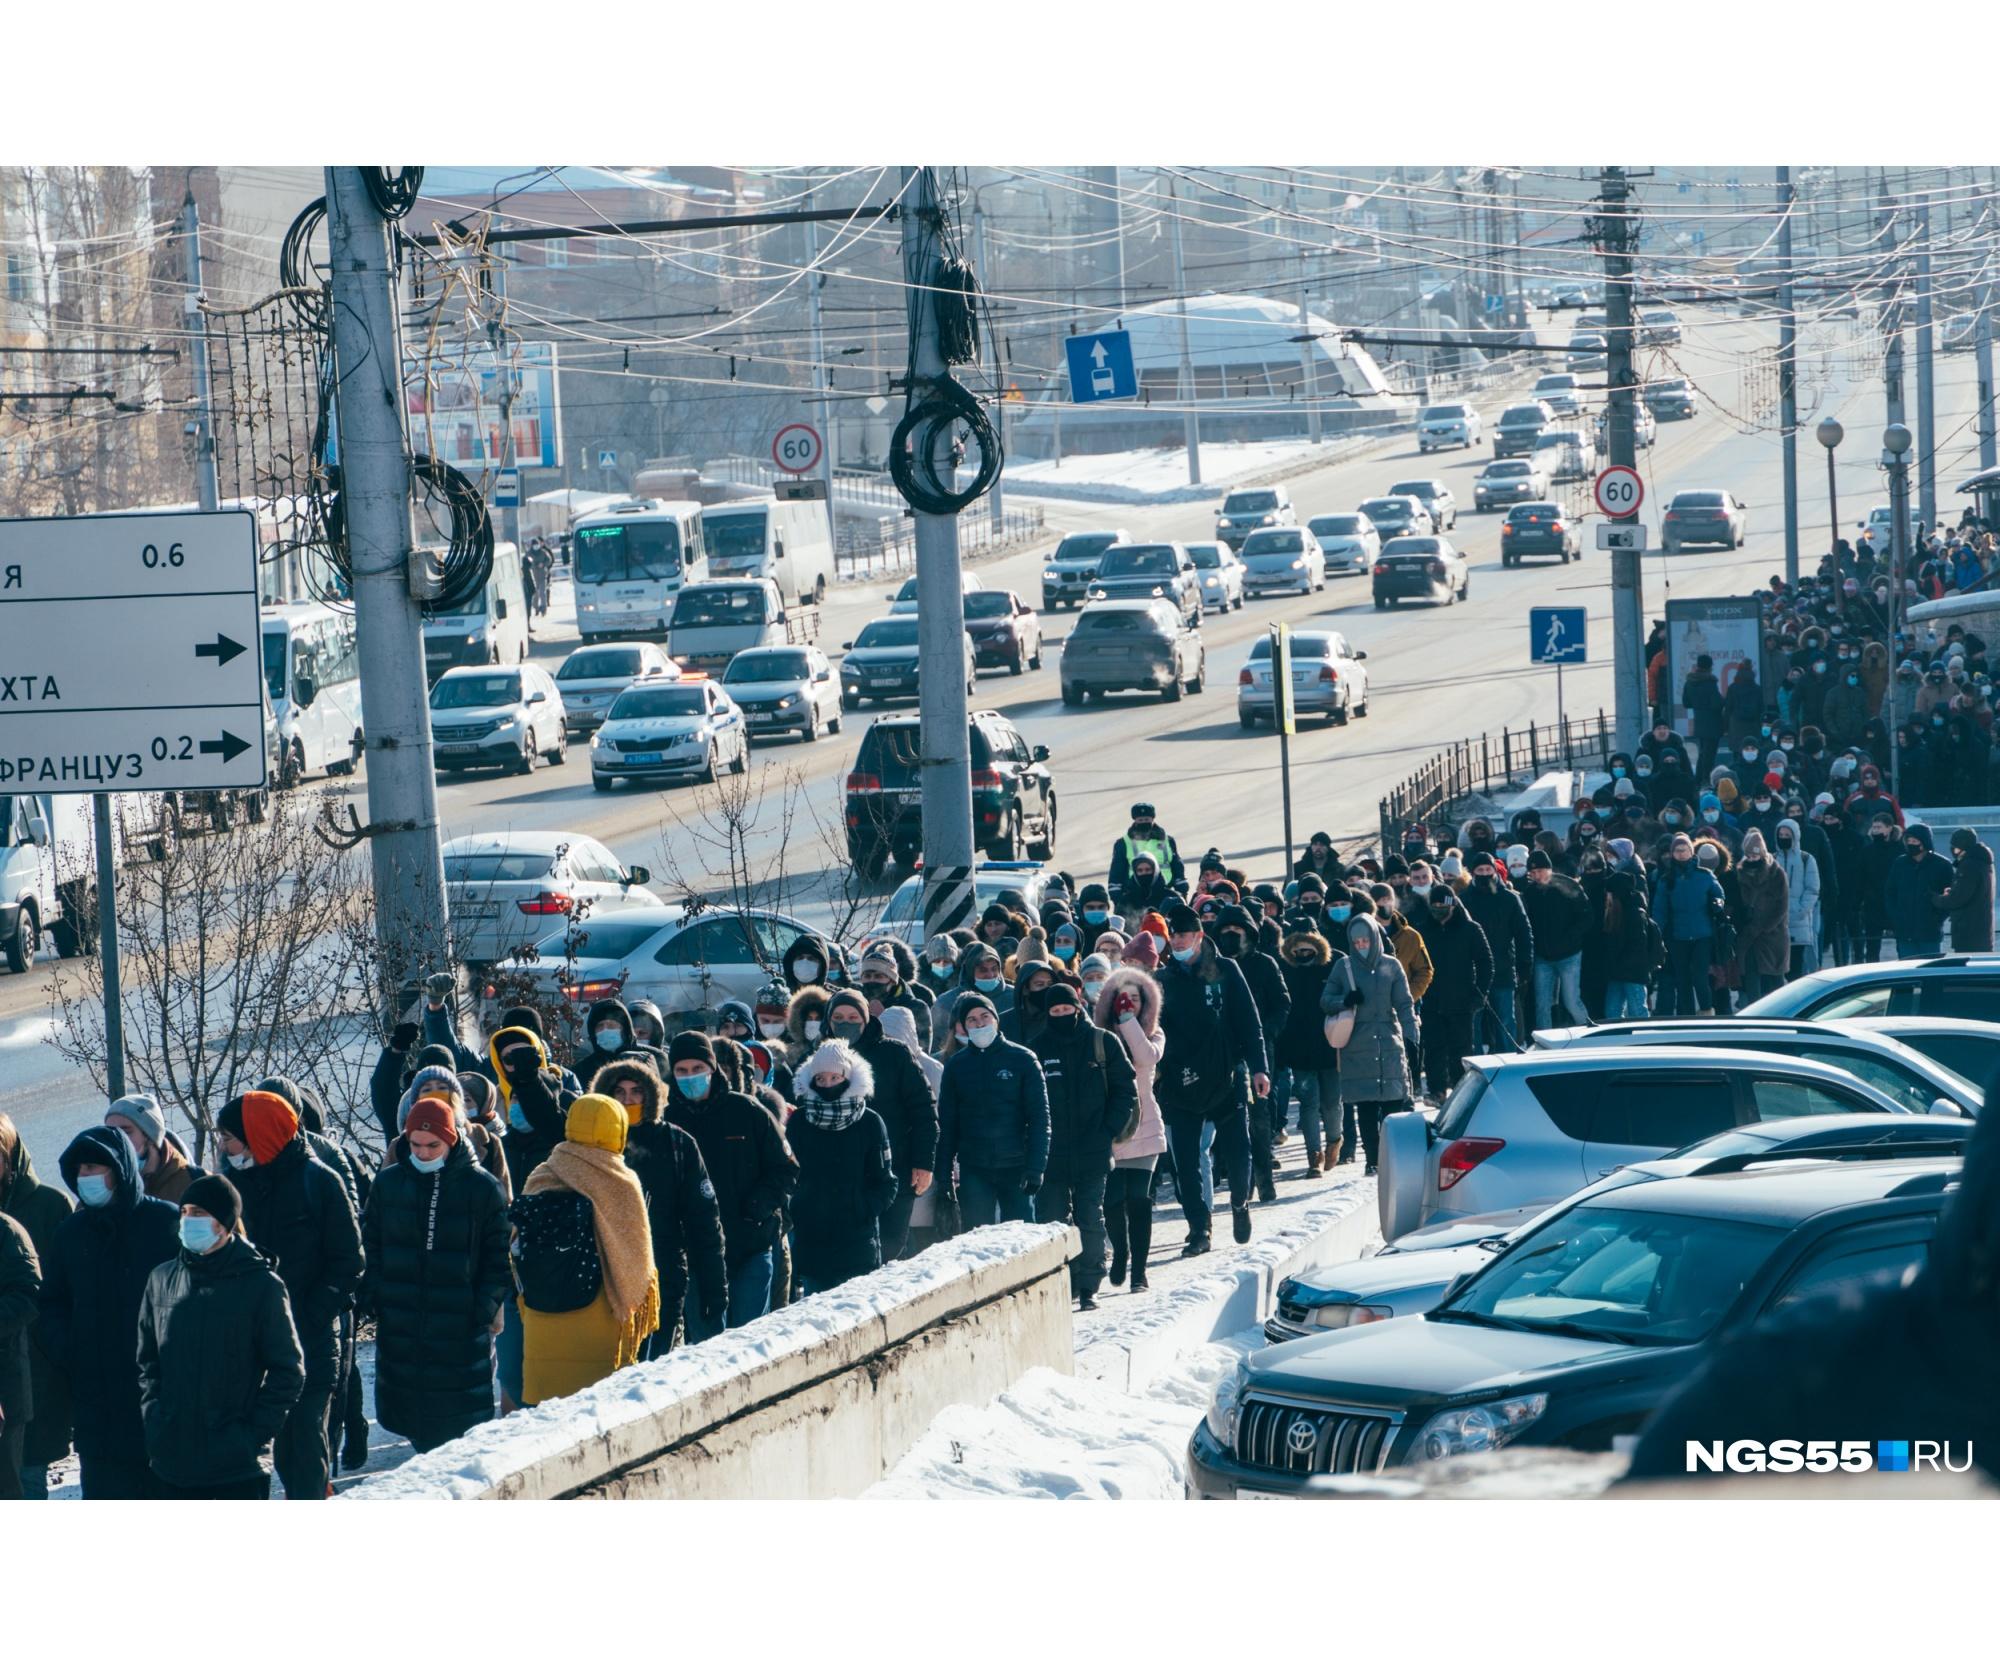 Толпа растянулась на сотни метров